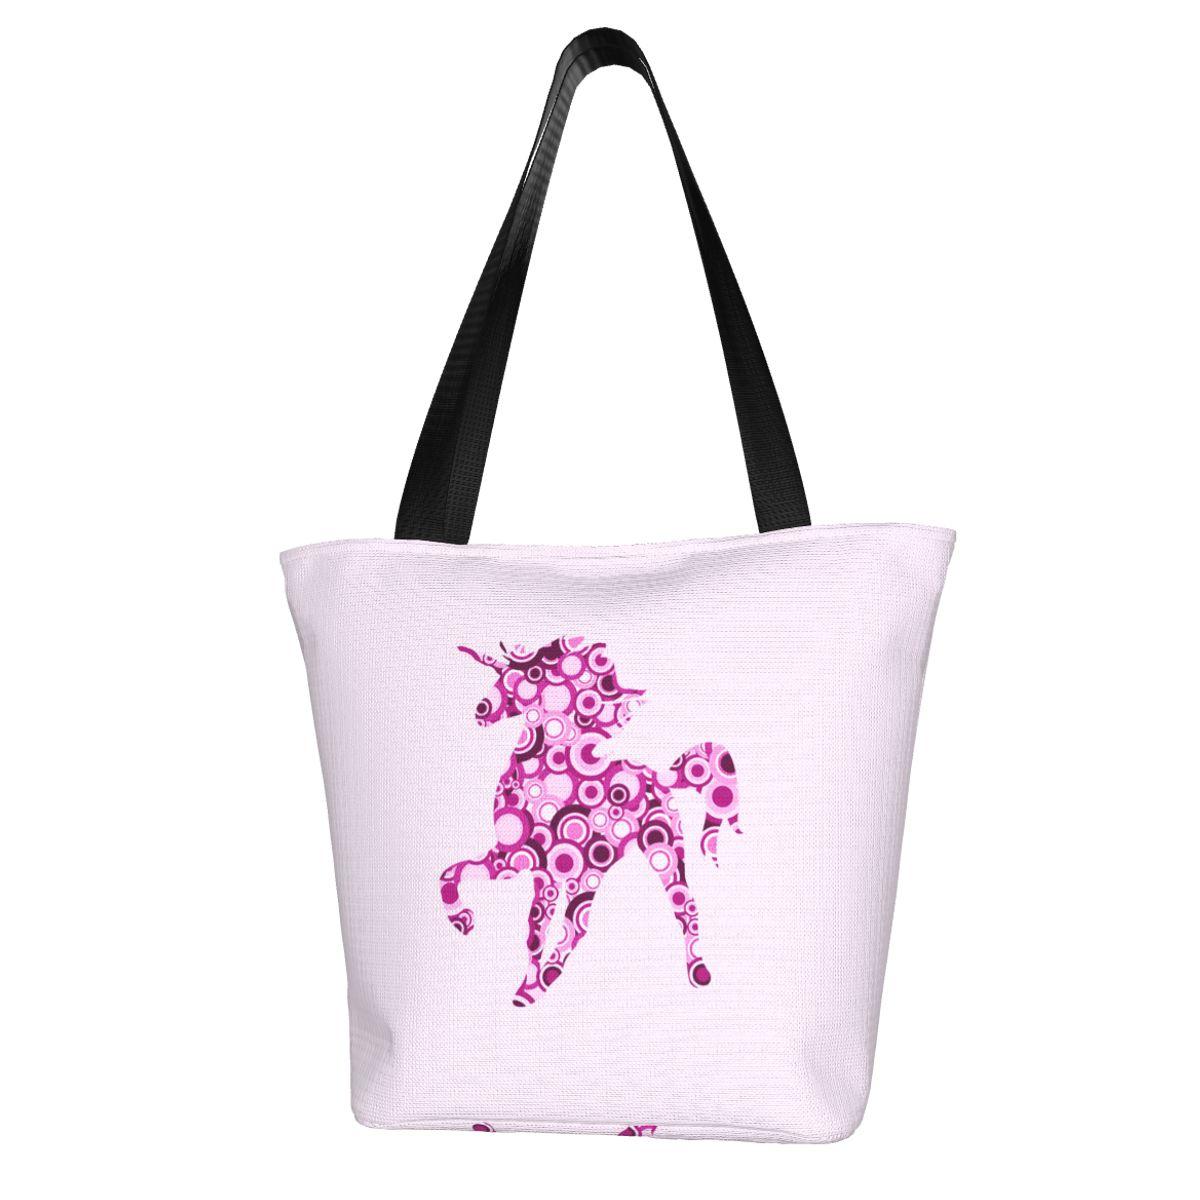 Сумка для покупок в виде единорога, деловая женская сумка, стильные сумки из полиэстера оптом